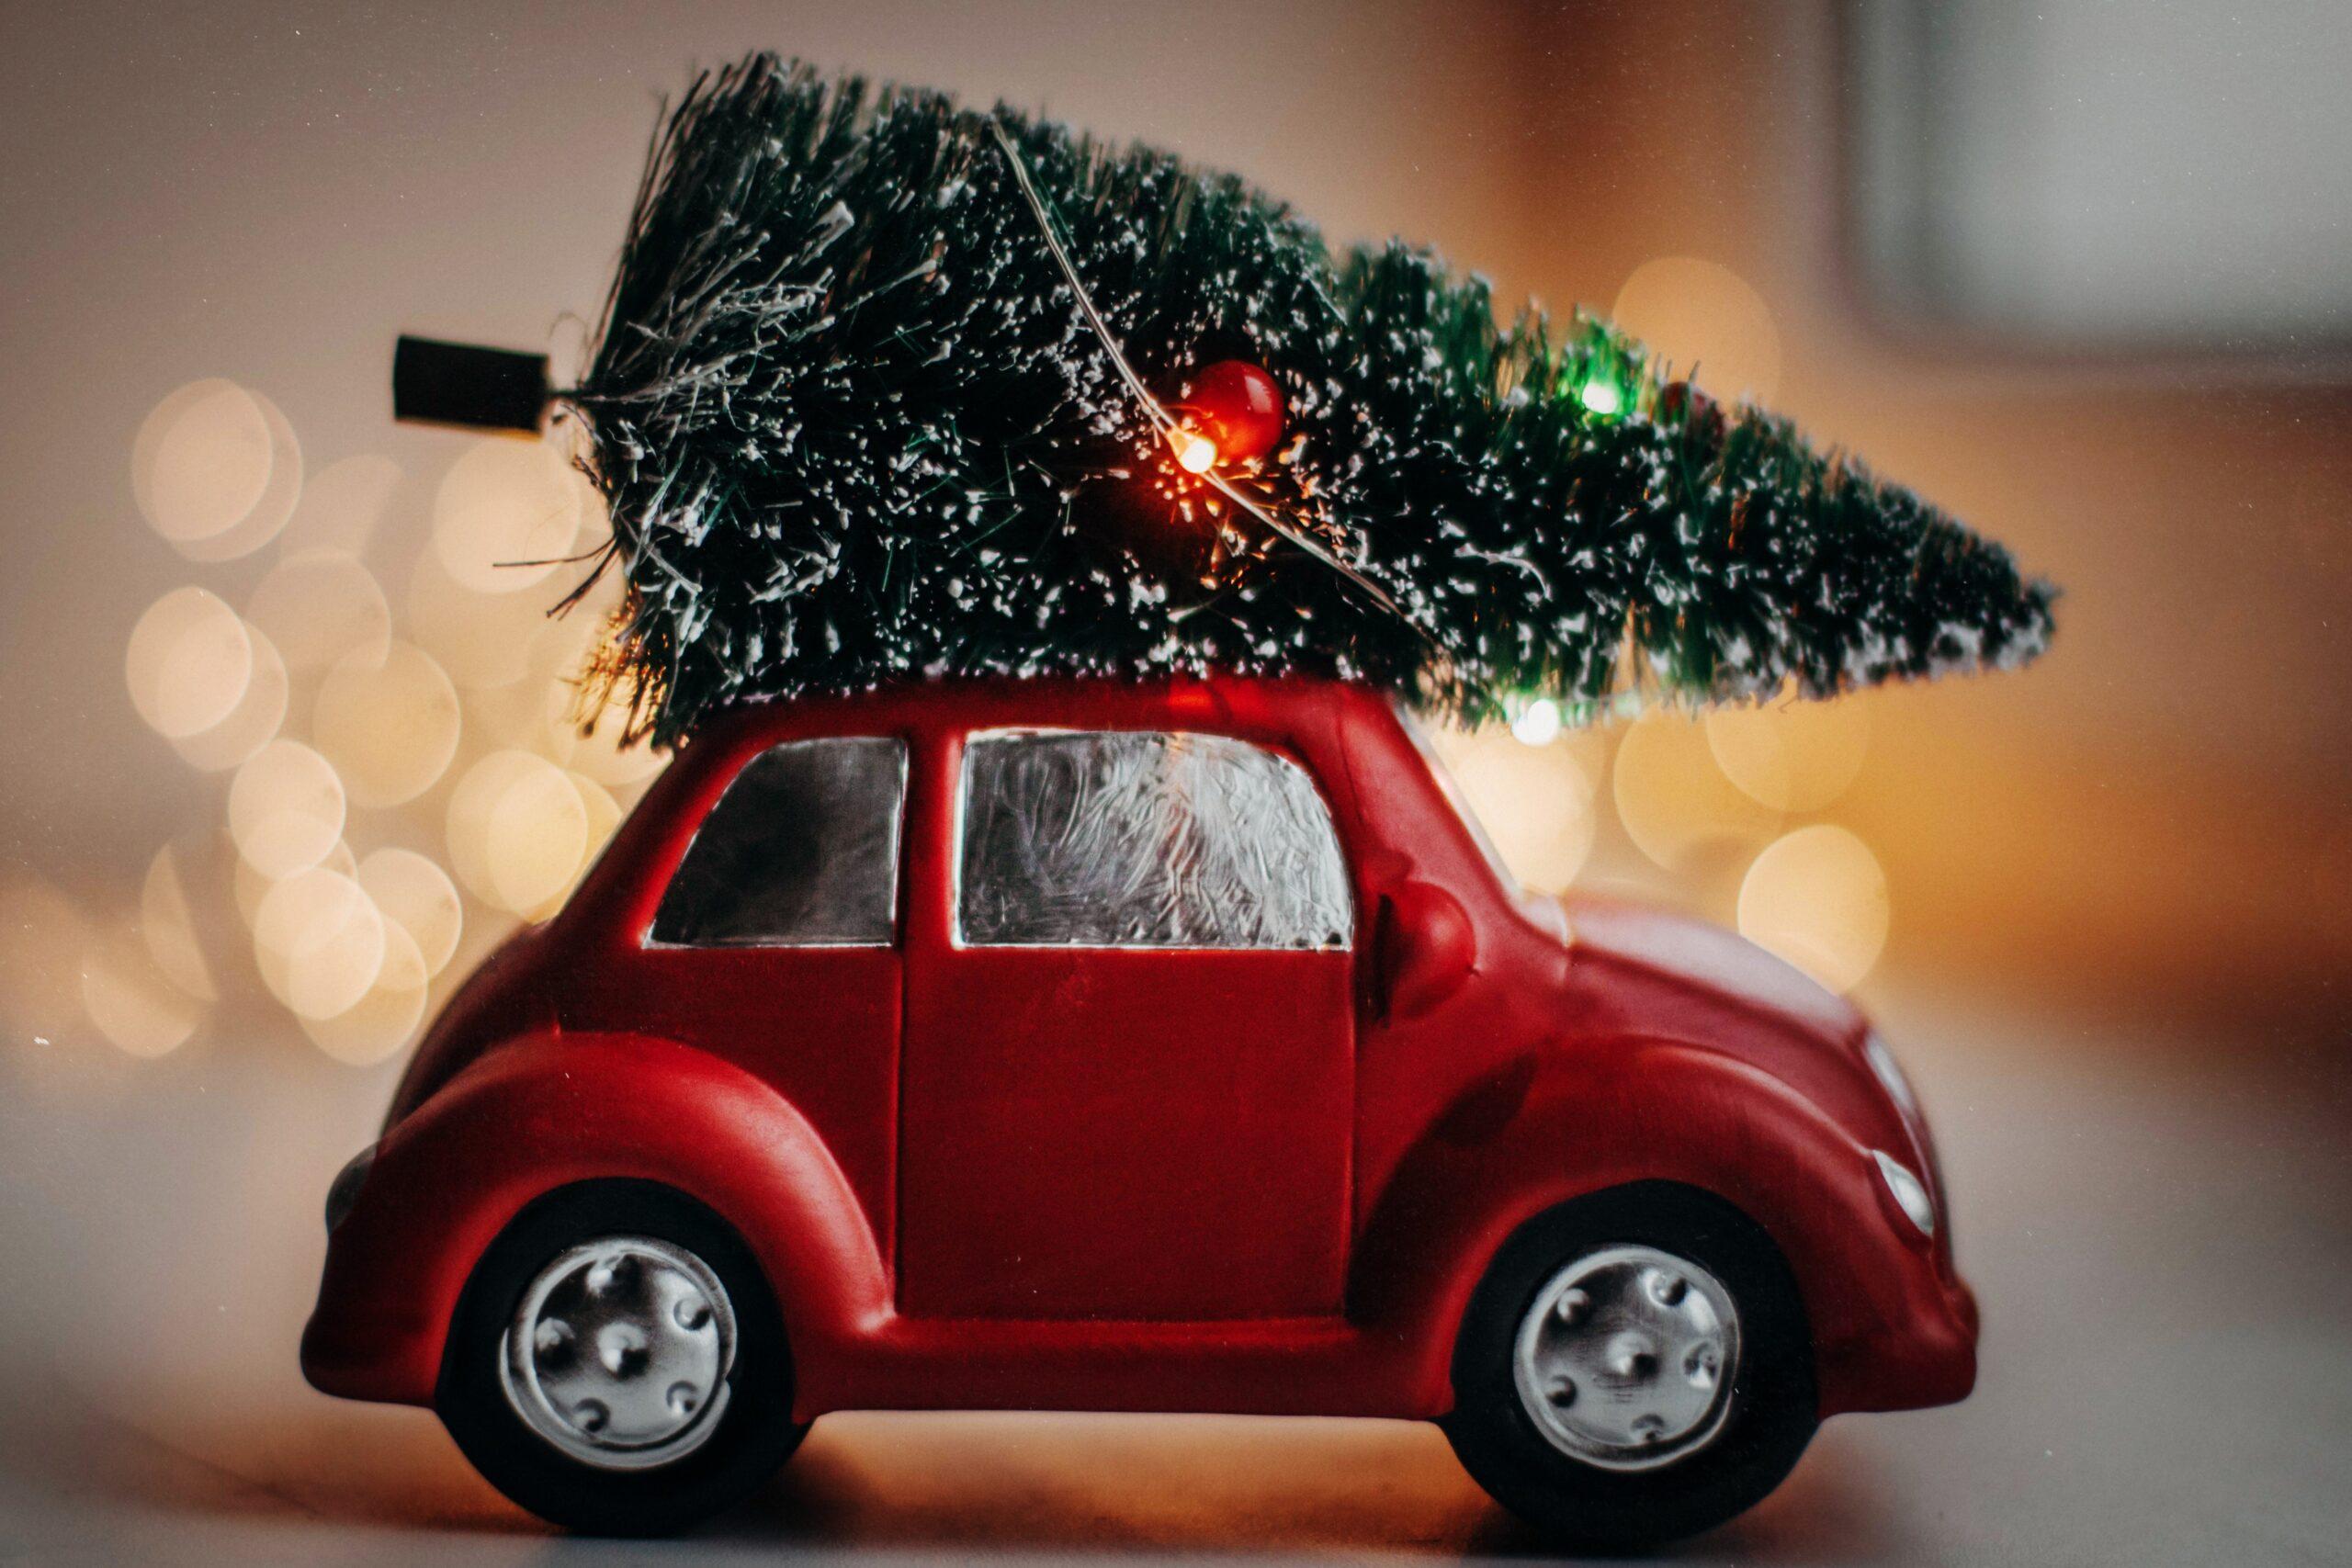 Μικρός γύρος του κόσμου με Χριστουγεννιάτικες σειρές